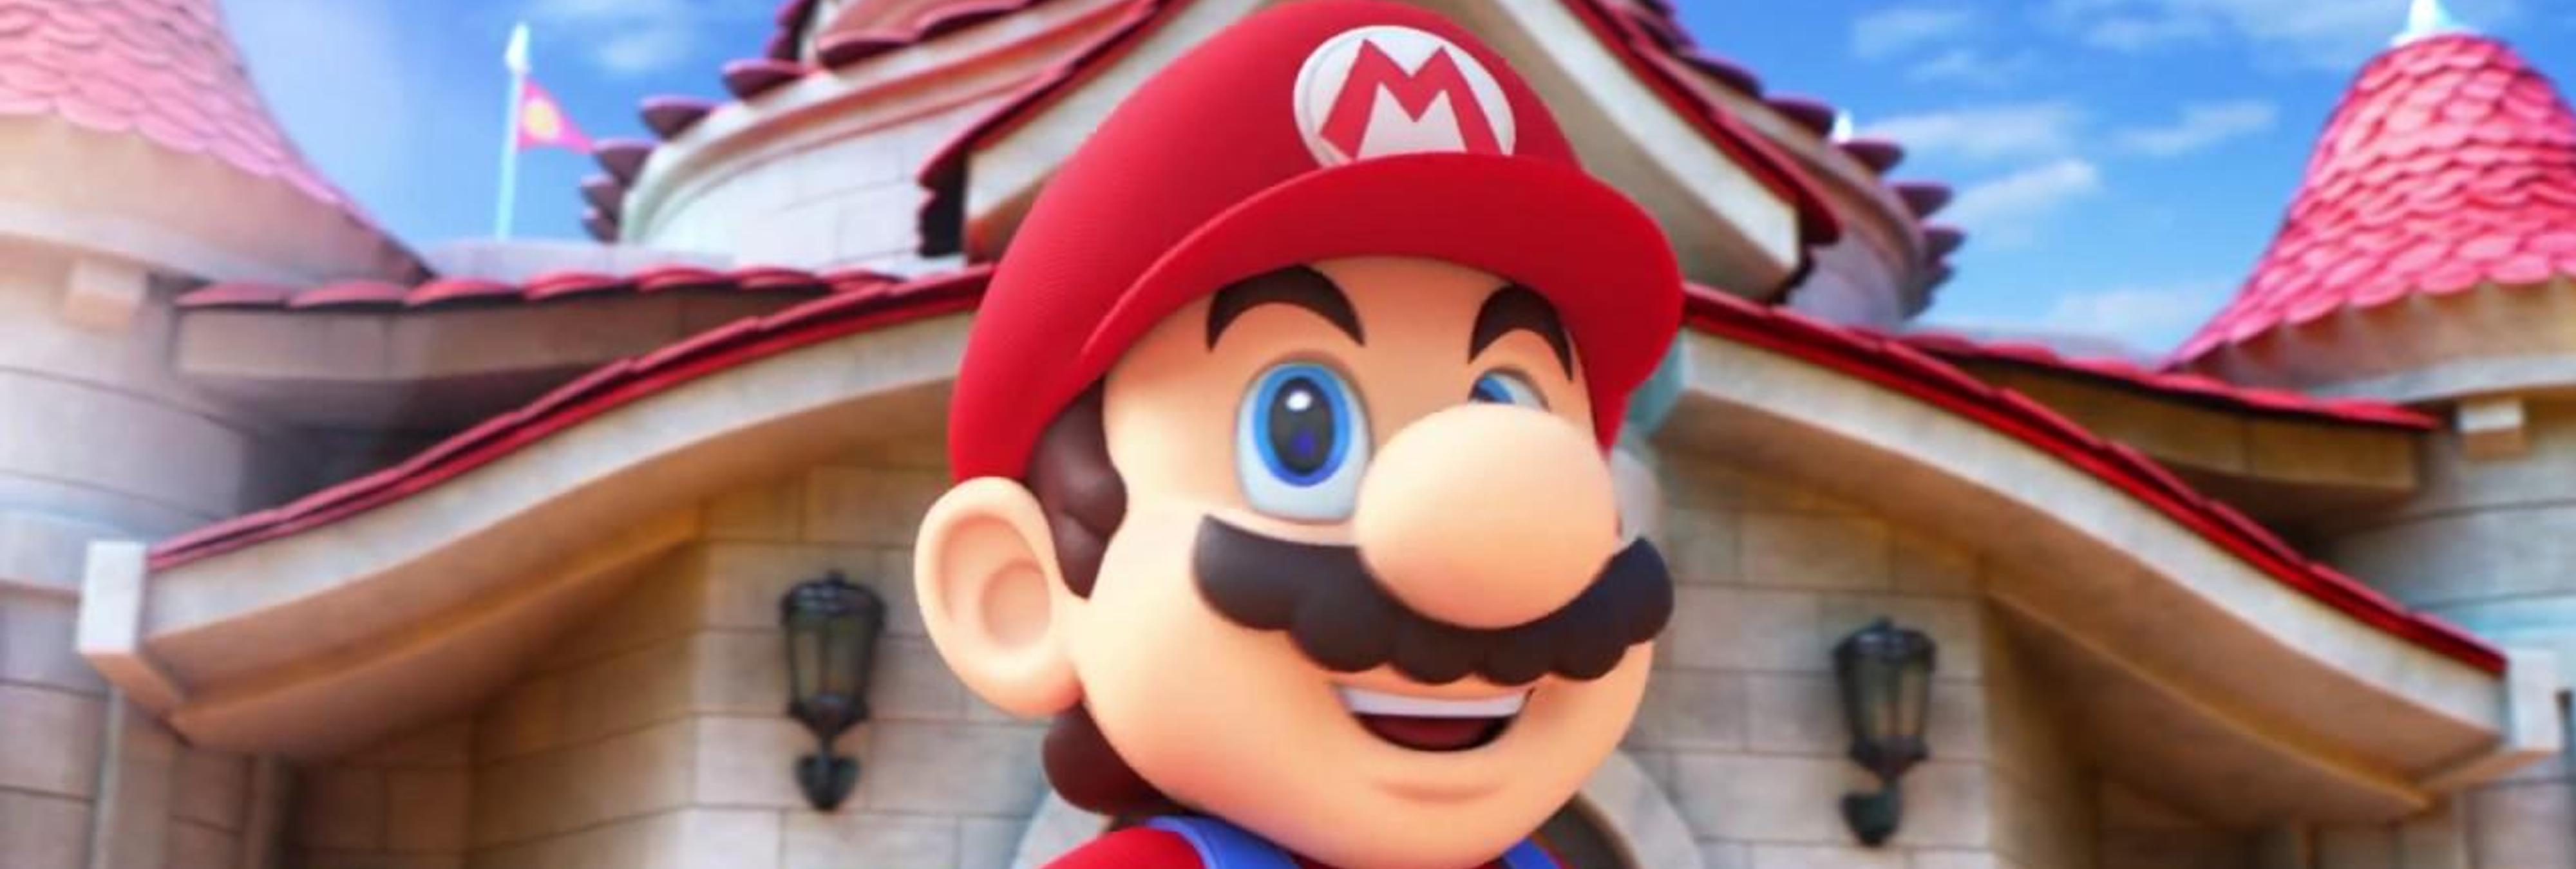 Así será Super Nintendo World, el primer parque temático sobre Mario Bros y Zelda